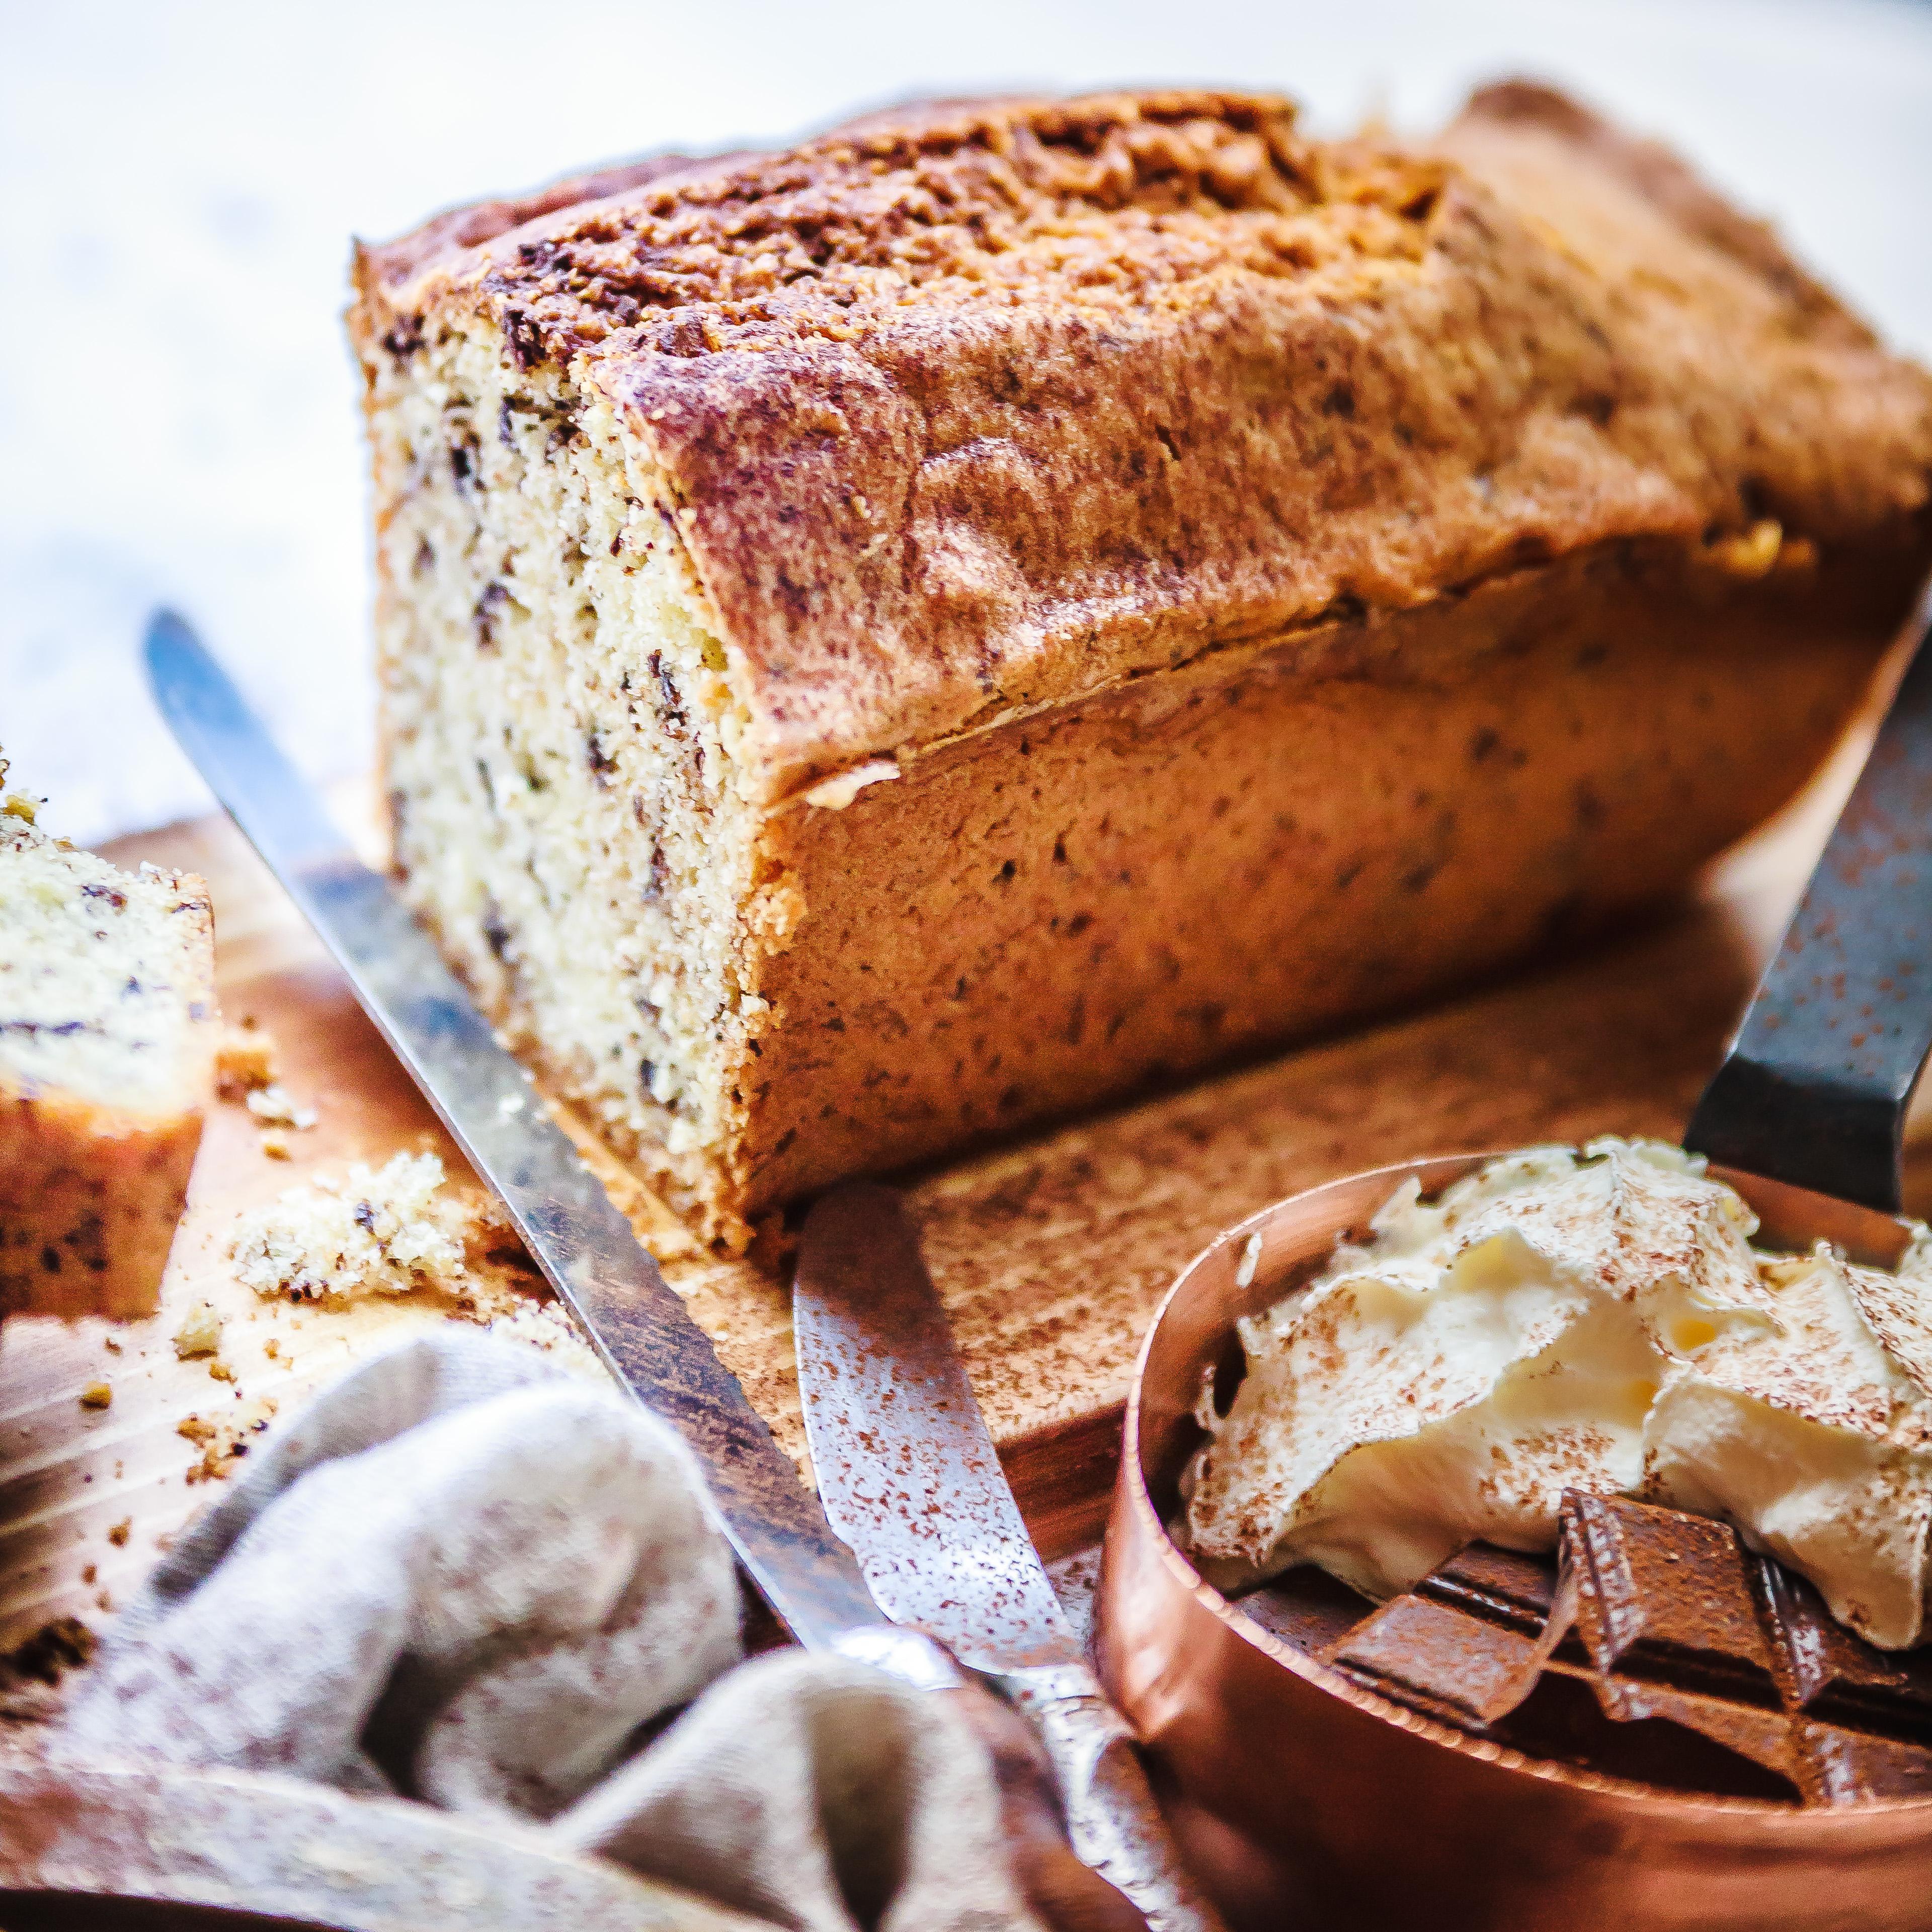 Recette Cake pur beurre aux éclats de Chocolat Photo culinaire